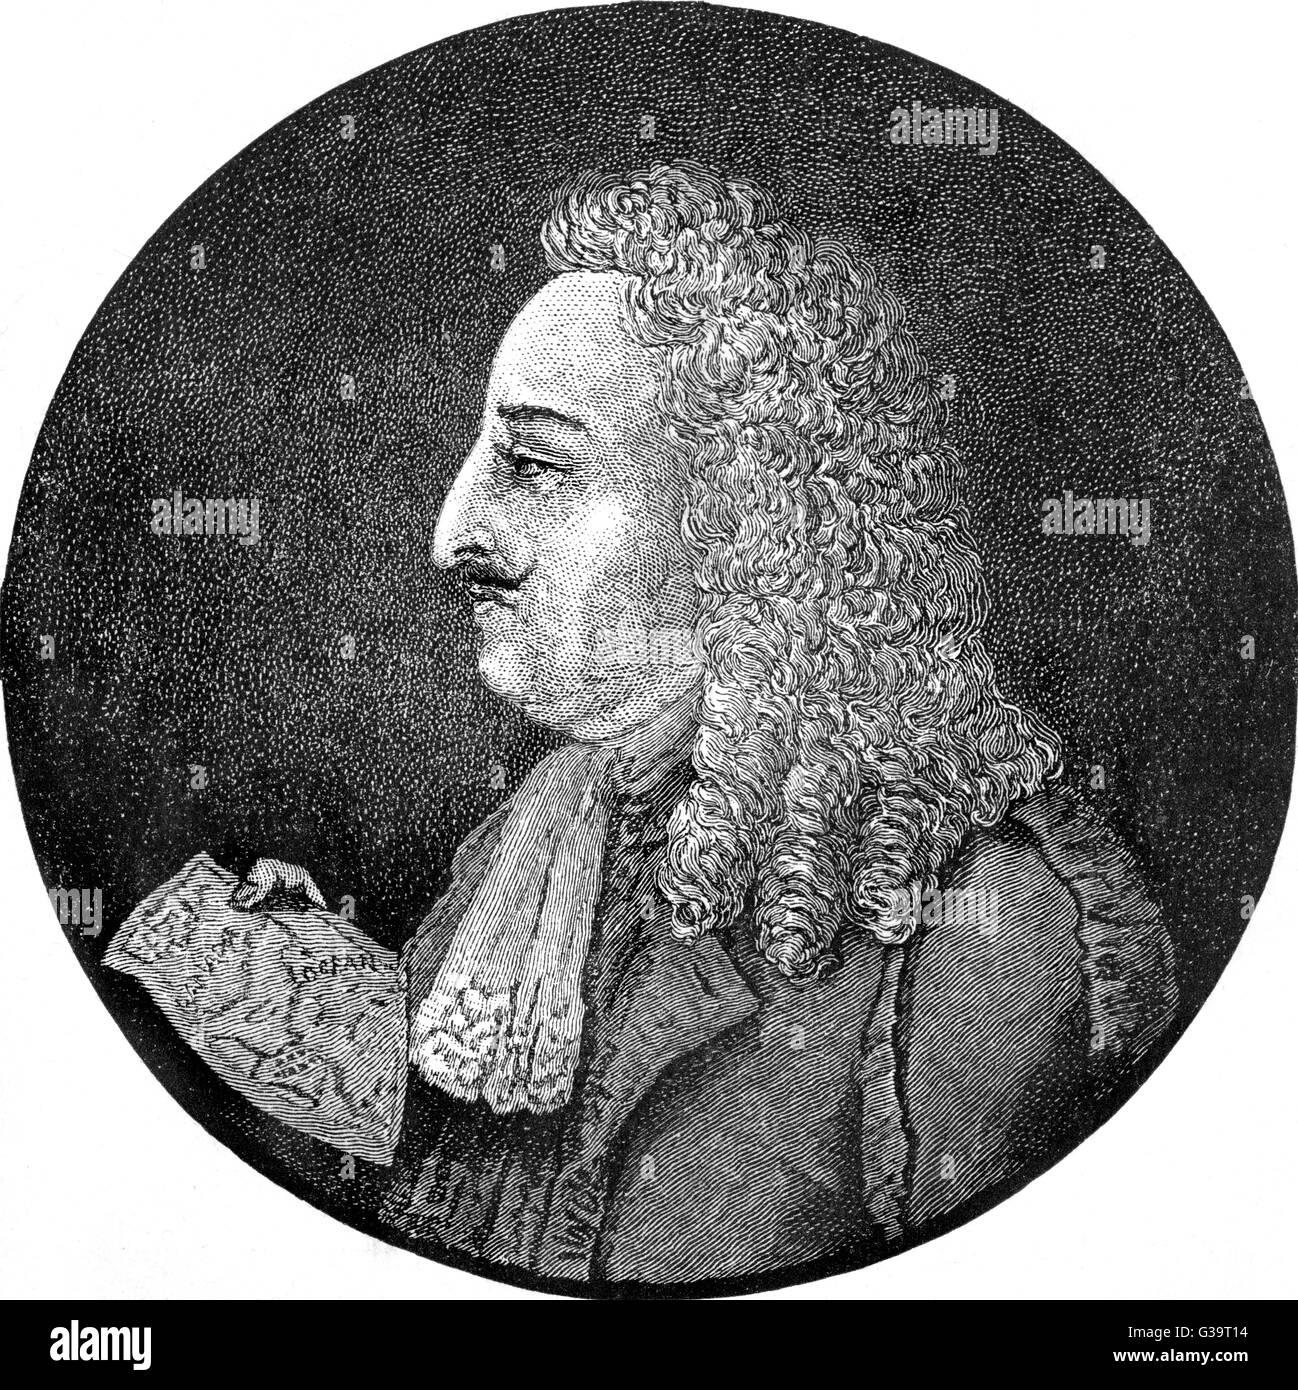 written essays on rene robert de la salle Title page of henri de tonti's account of rené-robert cavelier, sieur de la salle's voyages, written in 1697.